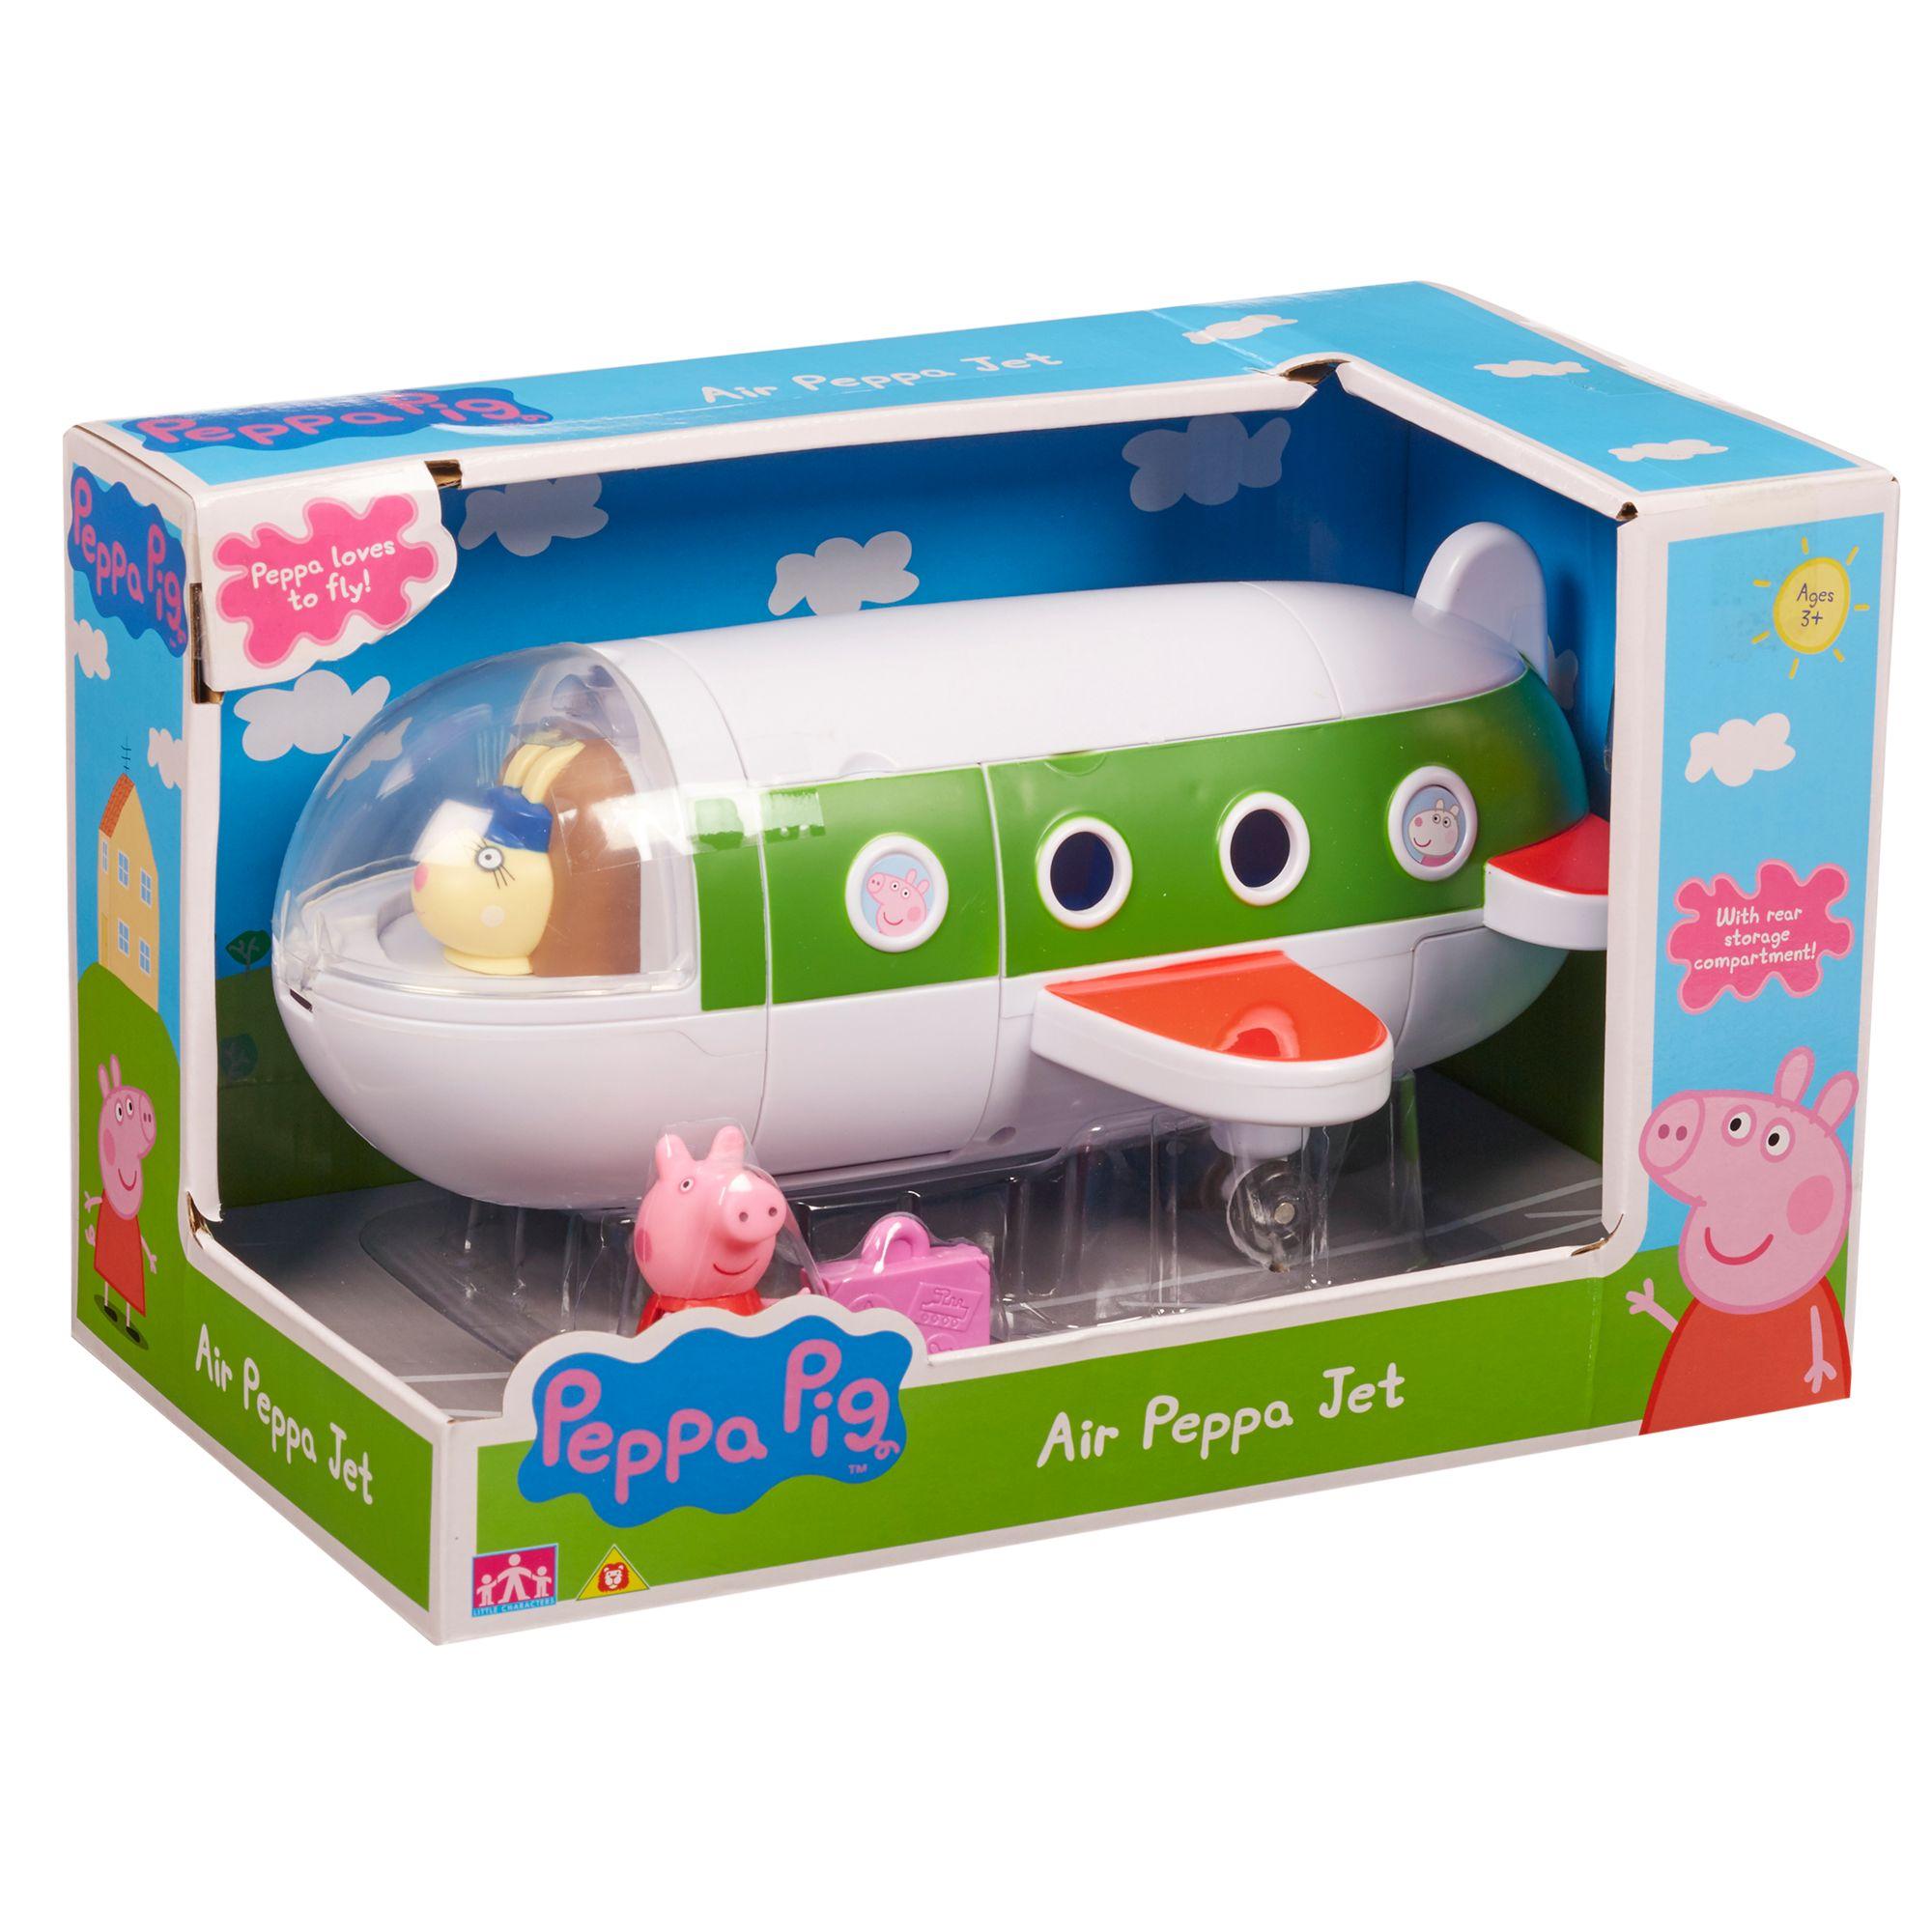 Peppa Pig Peppa Pig Air Peppa Jet